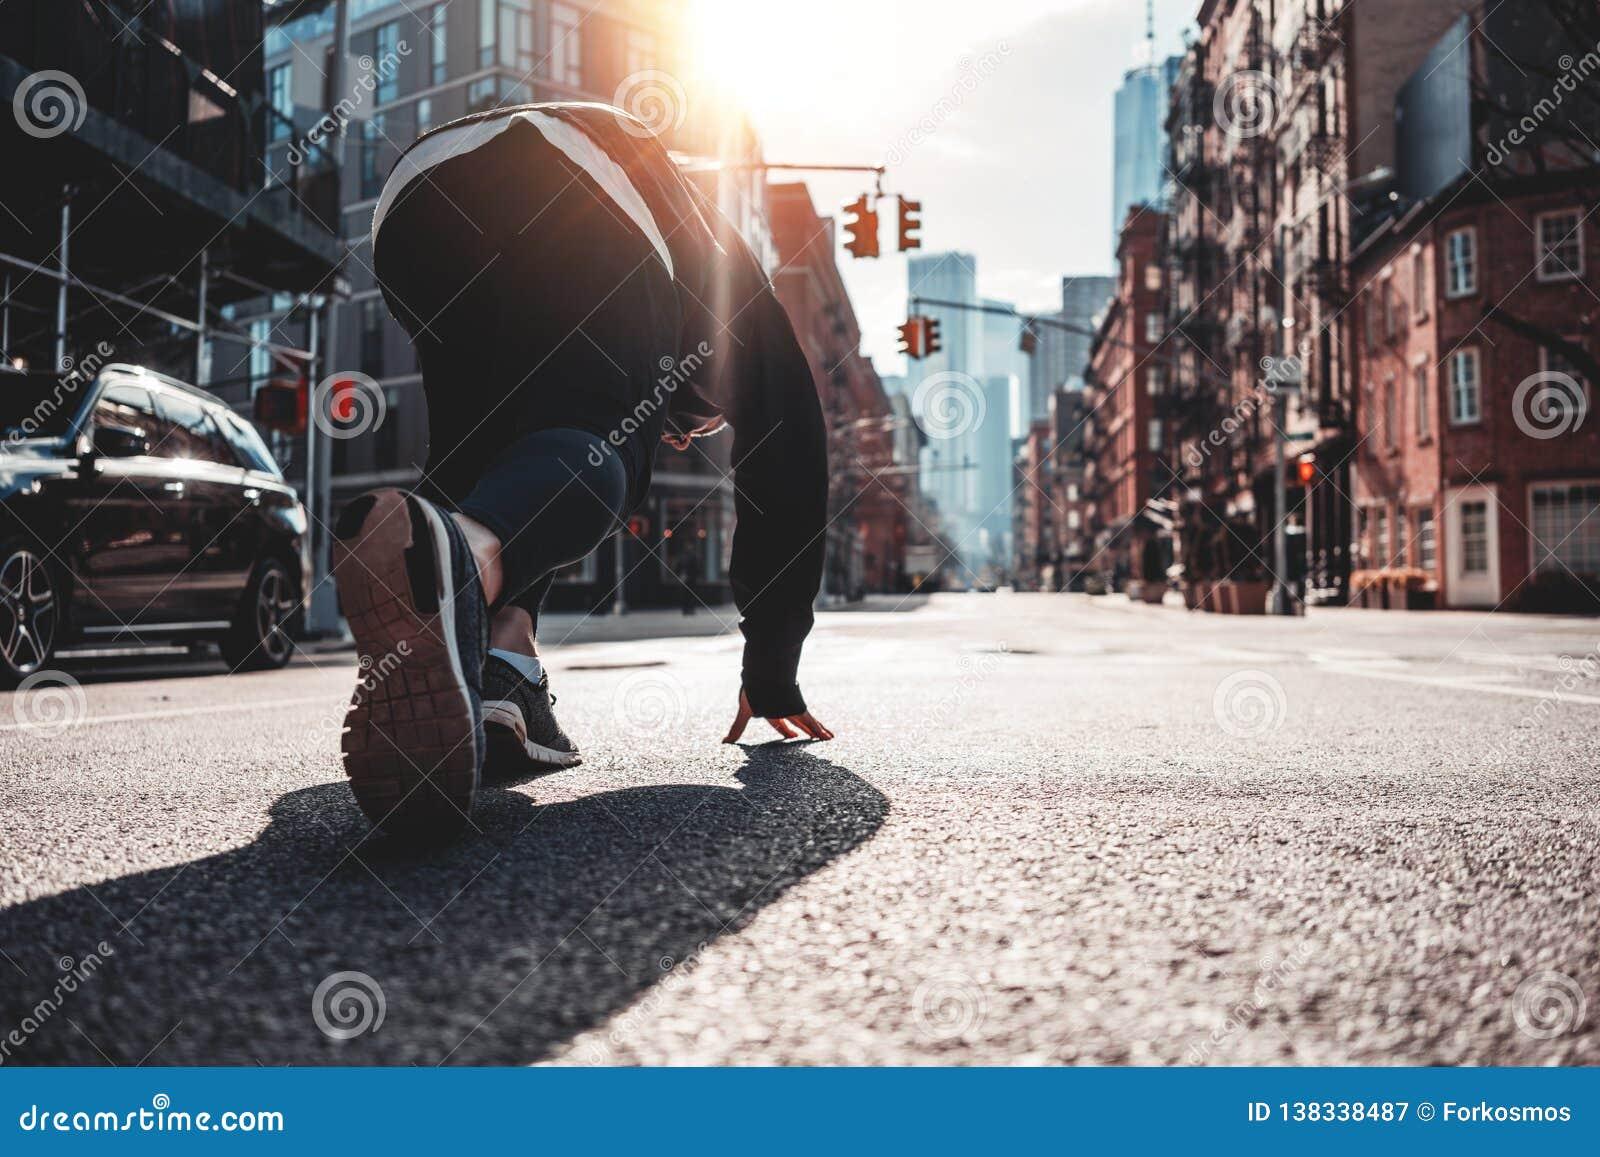 Back view on urban runner in start pose on city street